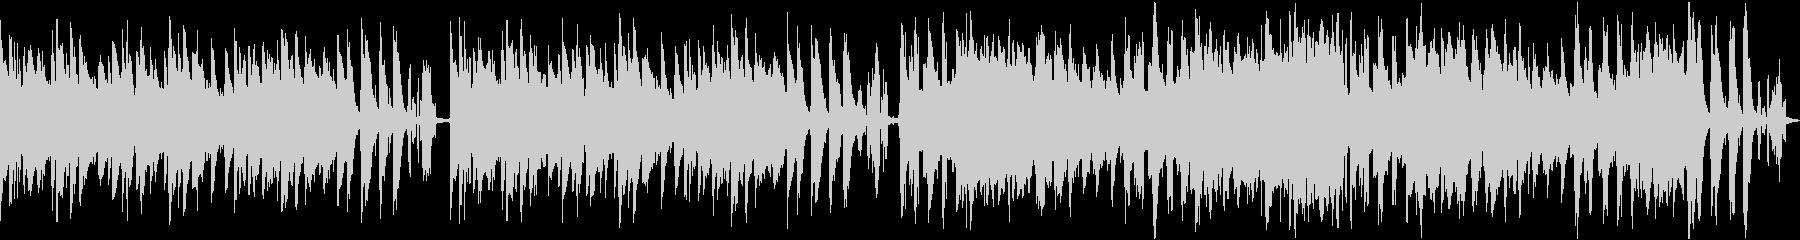 コミカル/静かめループ仕様の未再生の波形